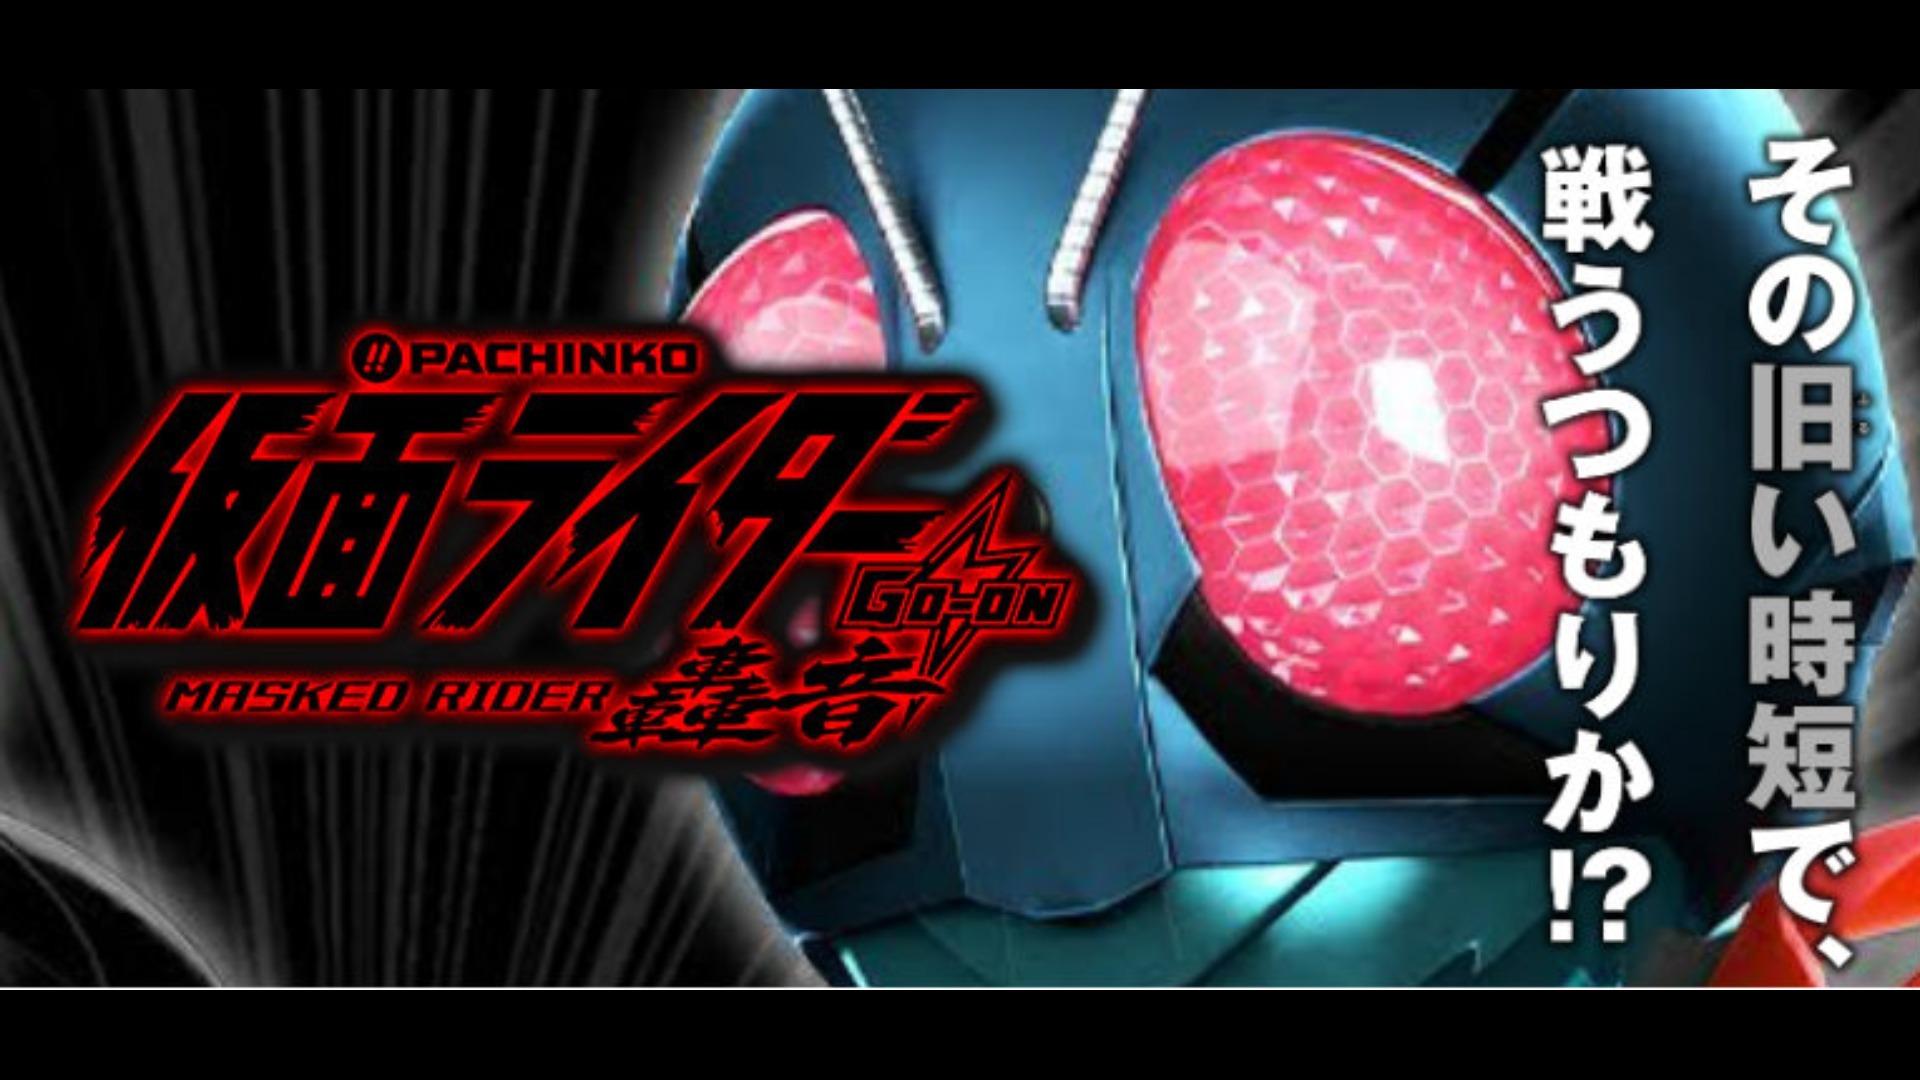 【営業シミュレーション】Pぱちんこ仮面ライダー 轟音